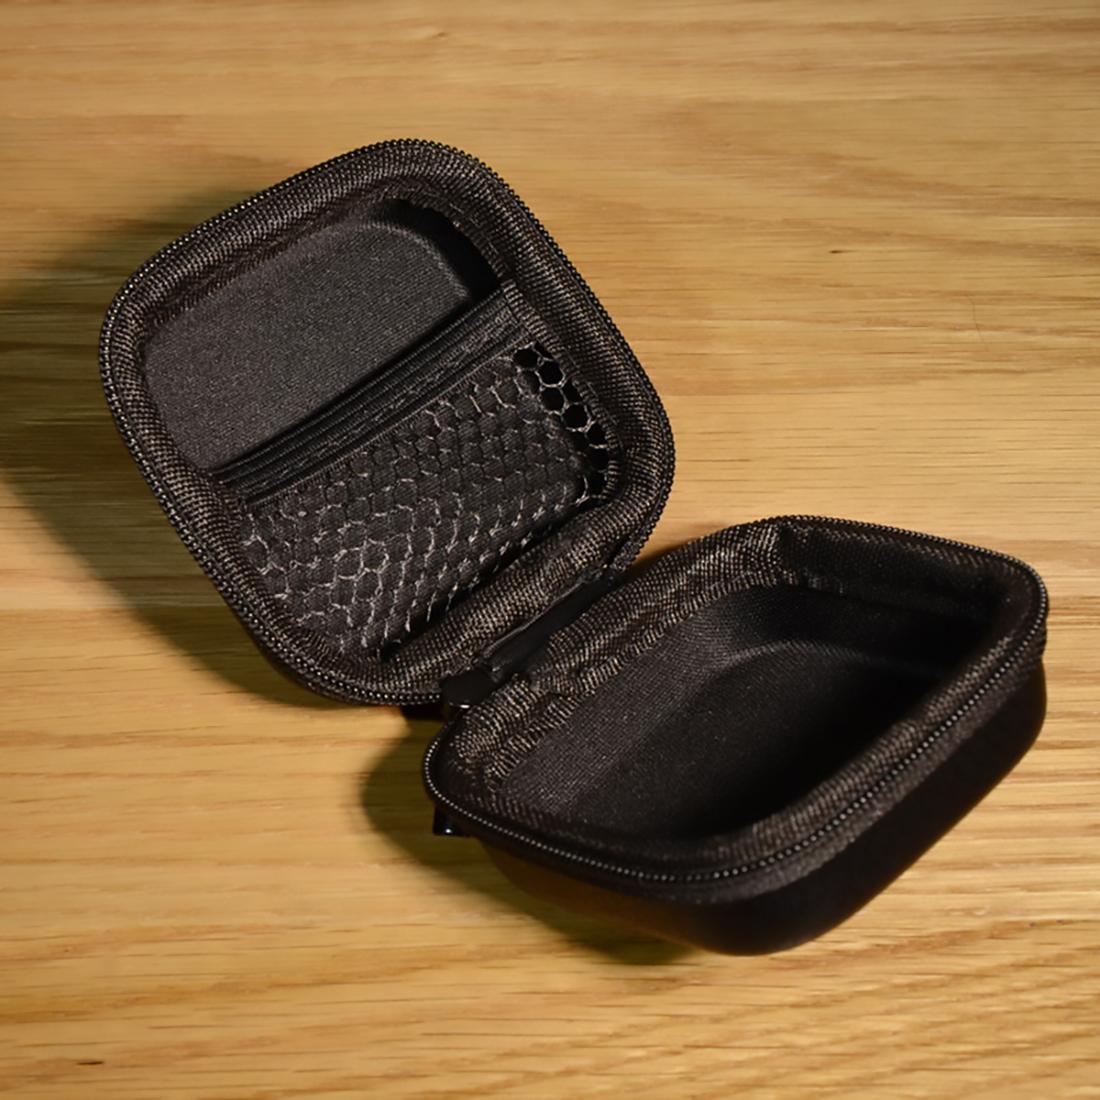 Hộp túi phụ kiện công nghệ SmileBox loại vuông nhỏ gọn màu da sang trọng, hộp cứng chống sốc đựng bộ sạc, tai nghe, airpods pro, dây sạc- Hàng chính hãng